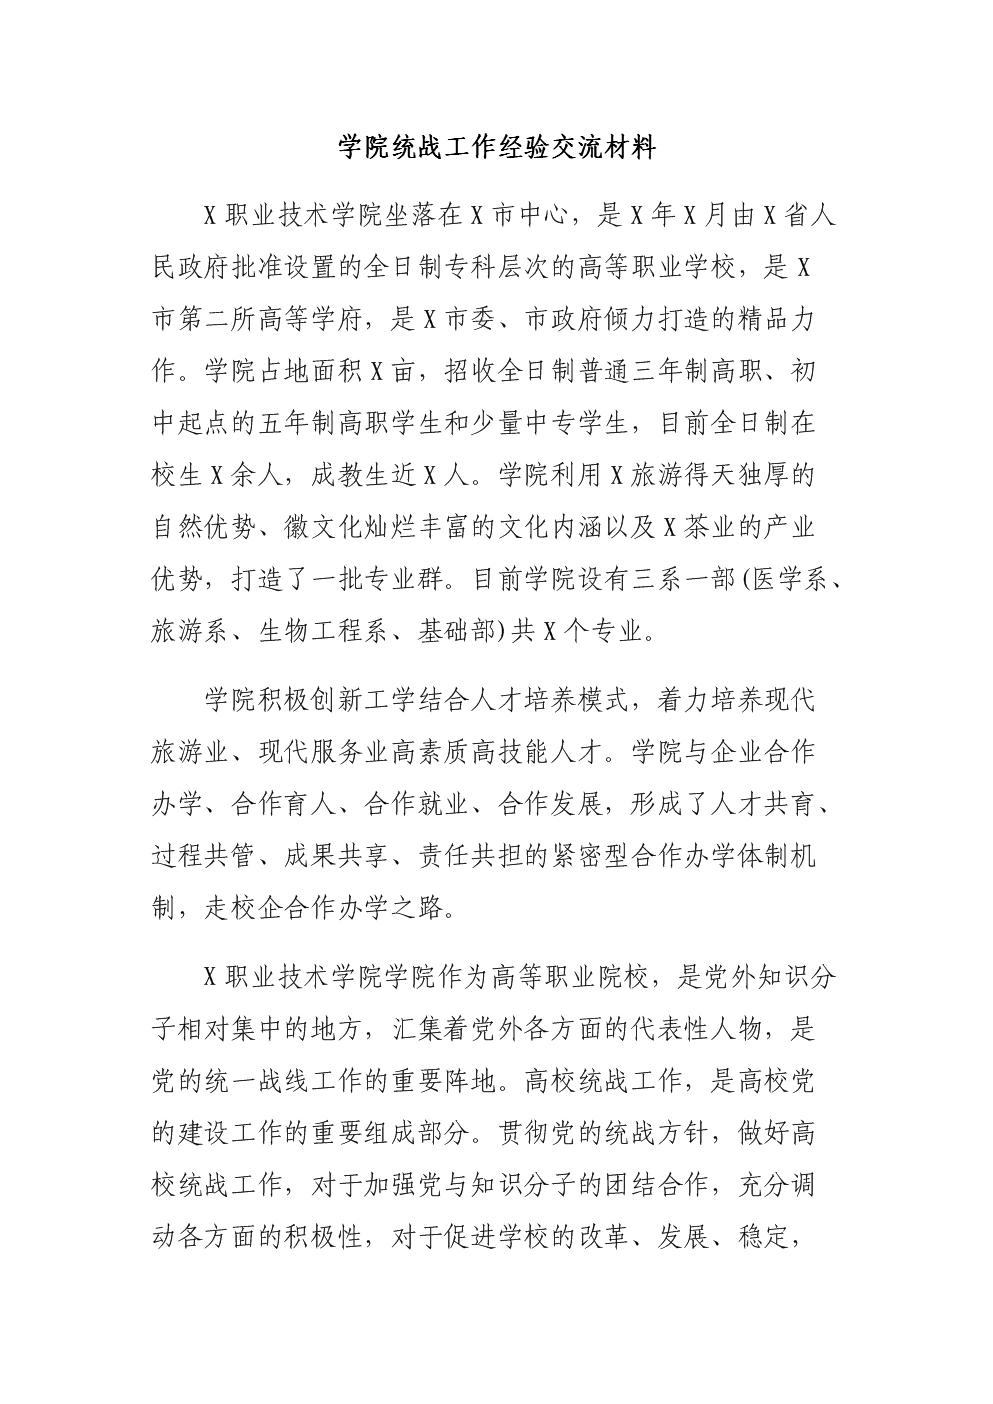 学院统战工作经验交流材料.docx